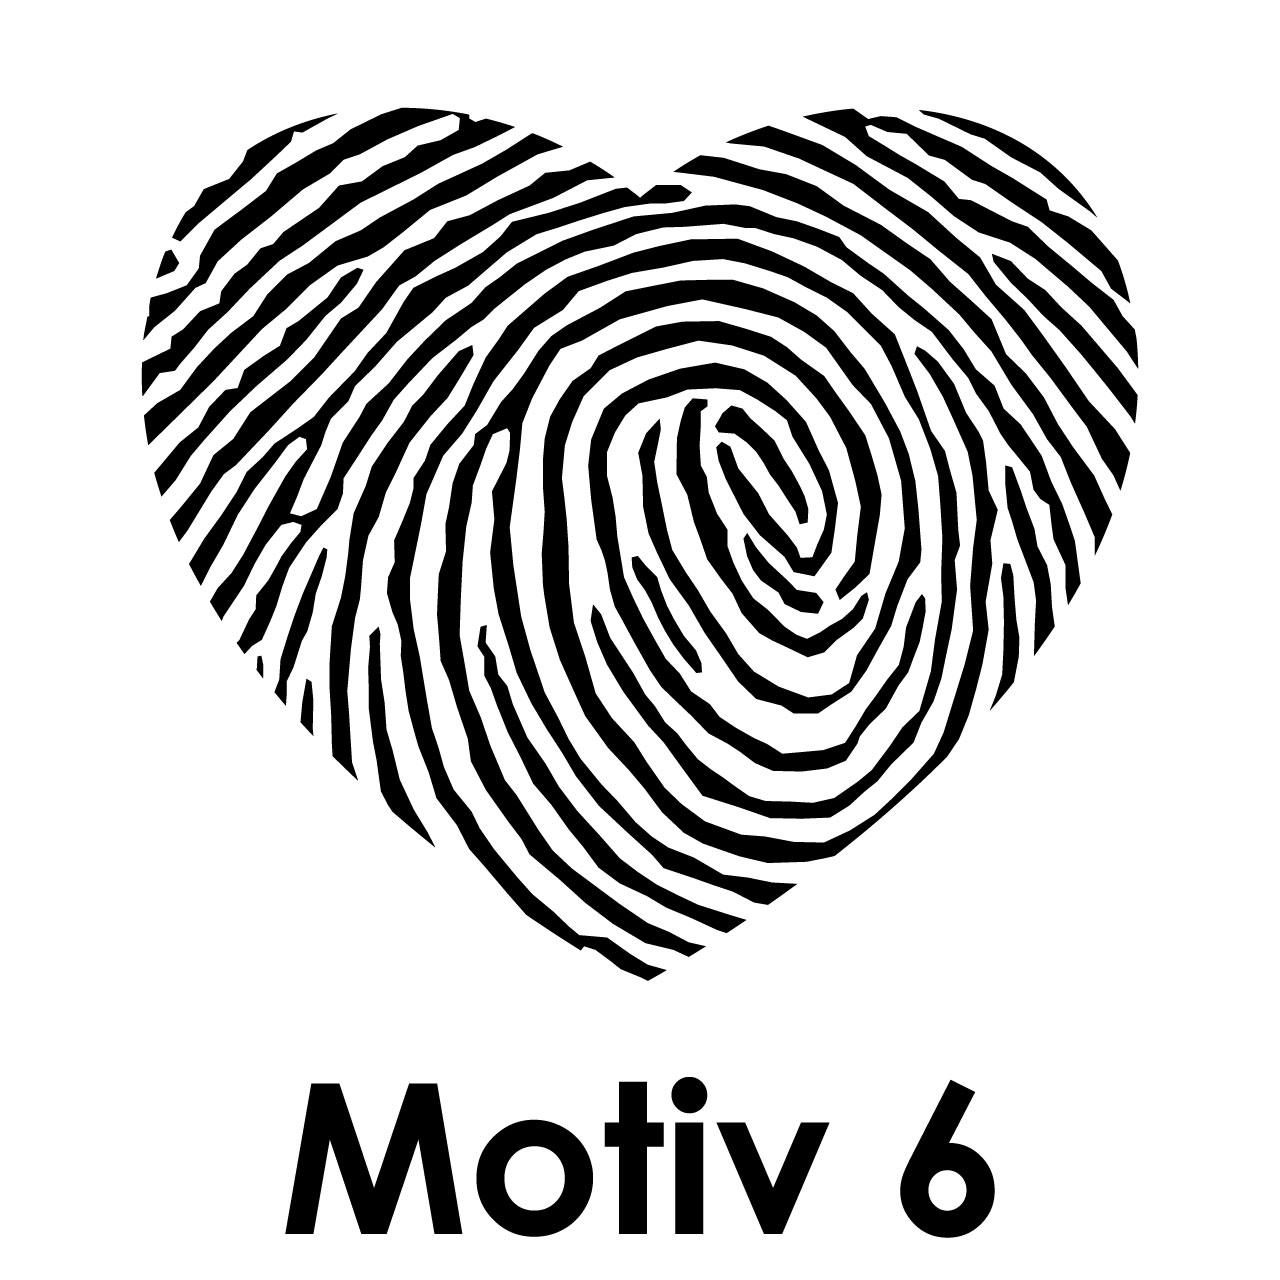 Motiv6